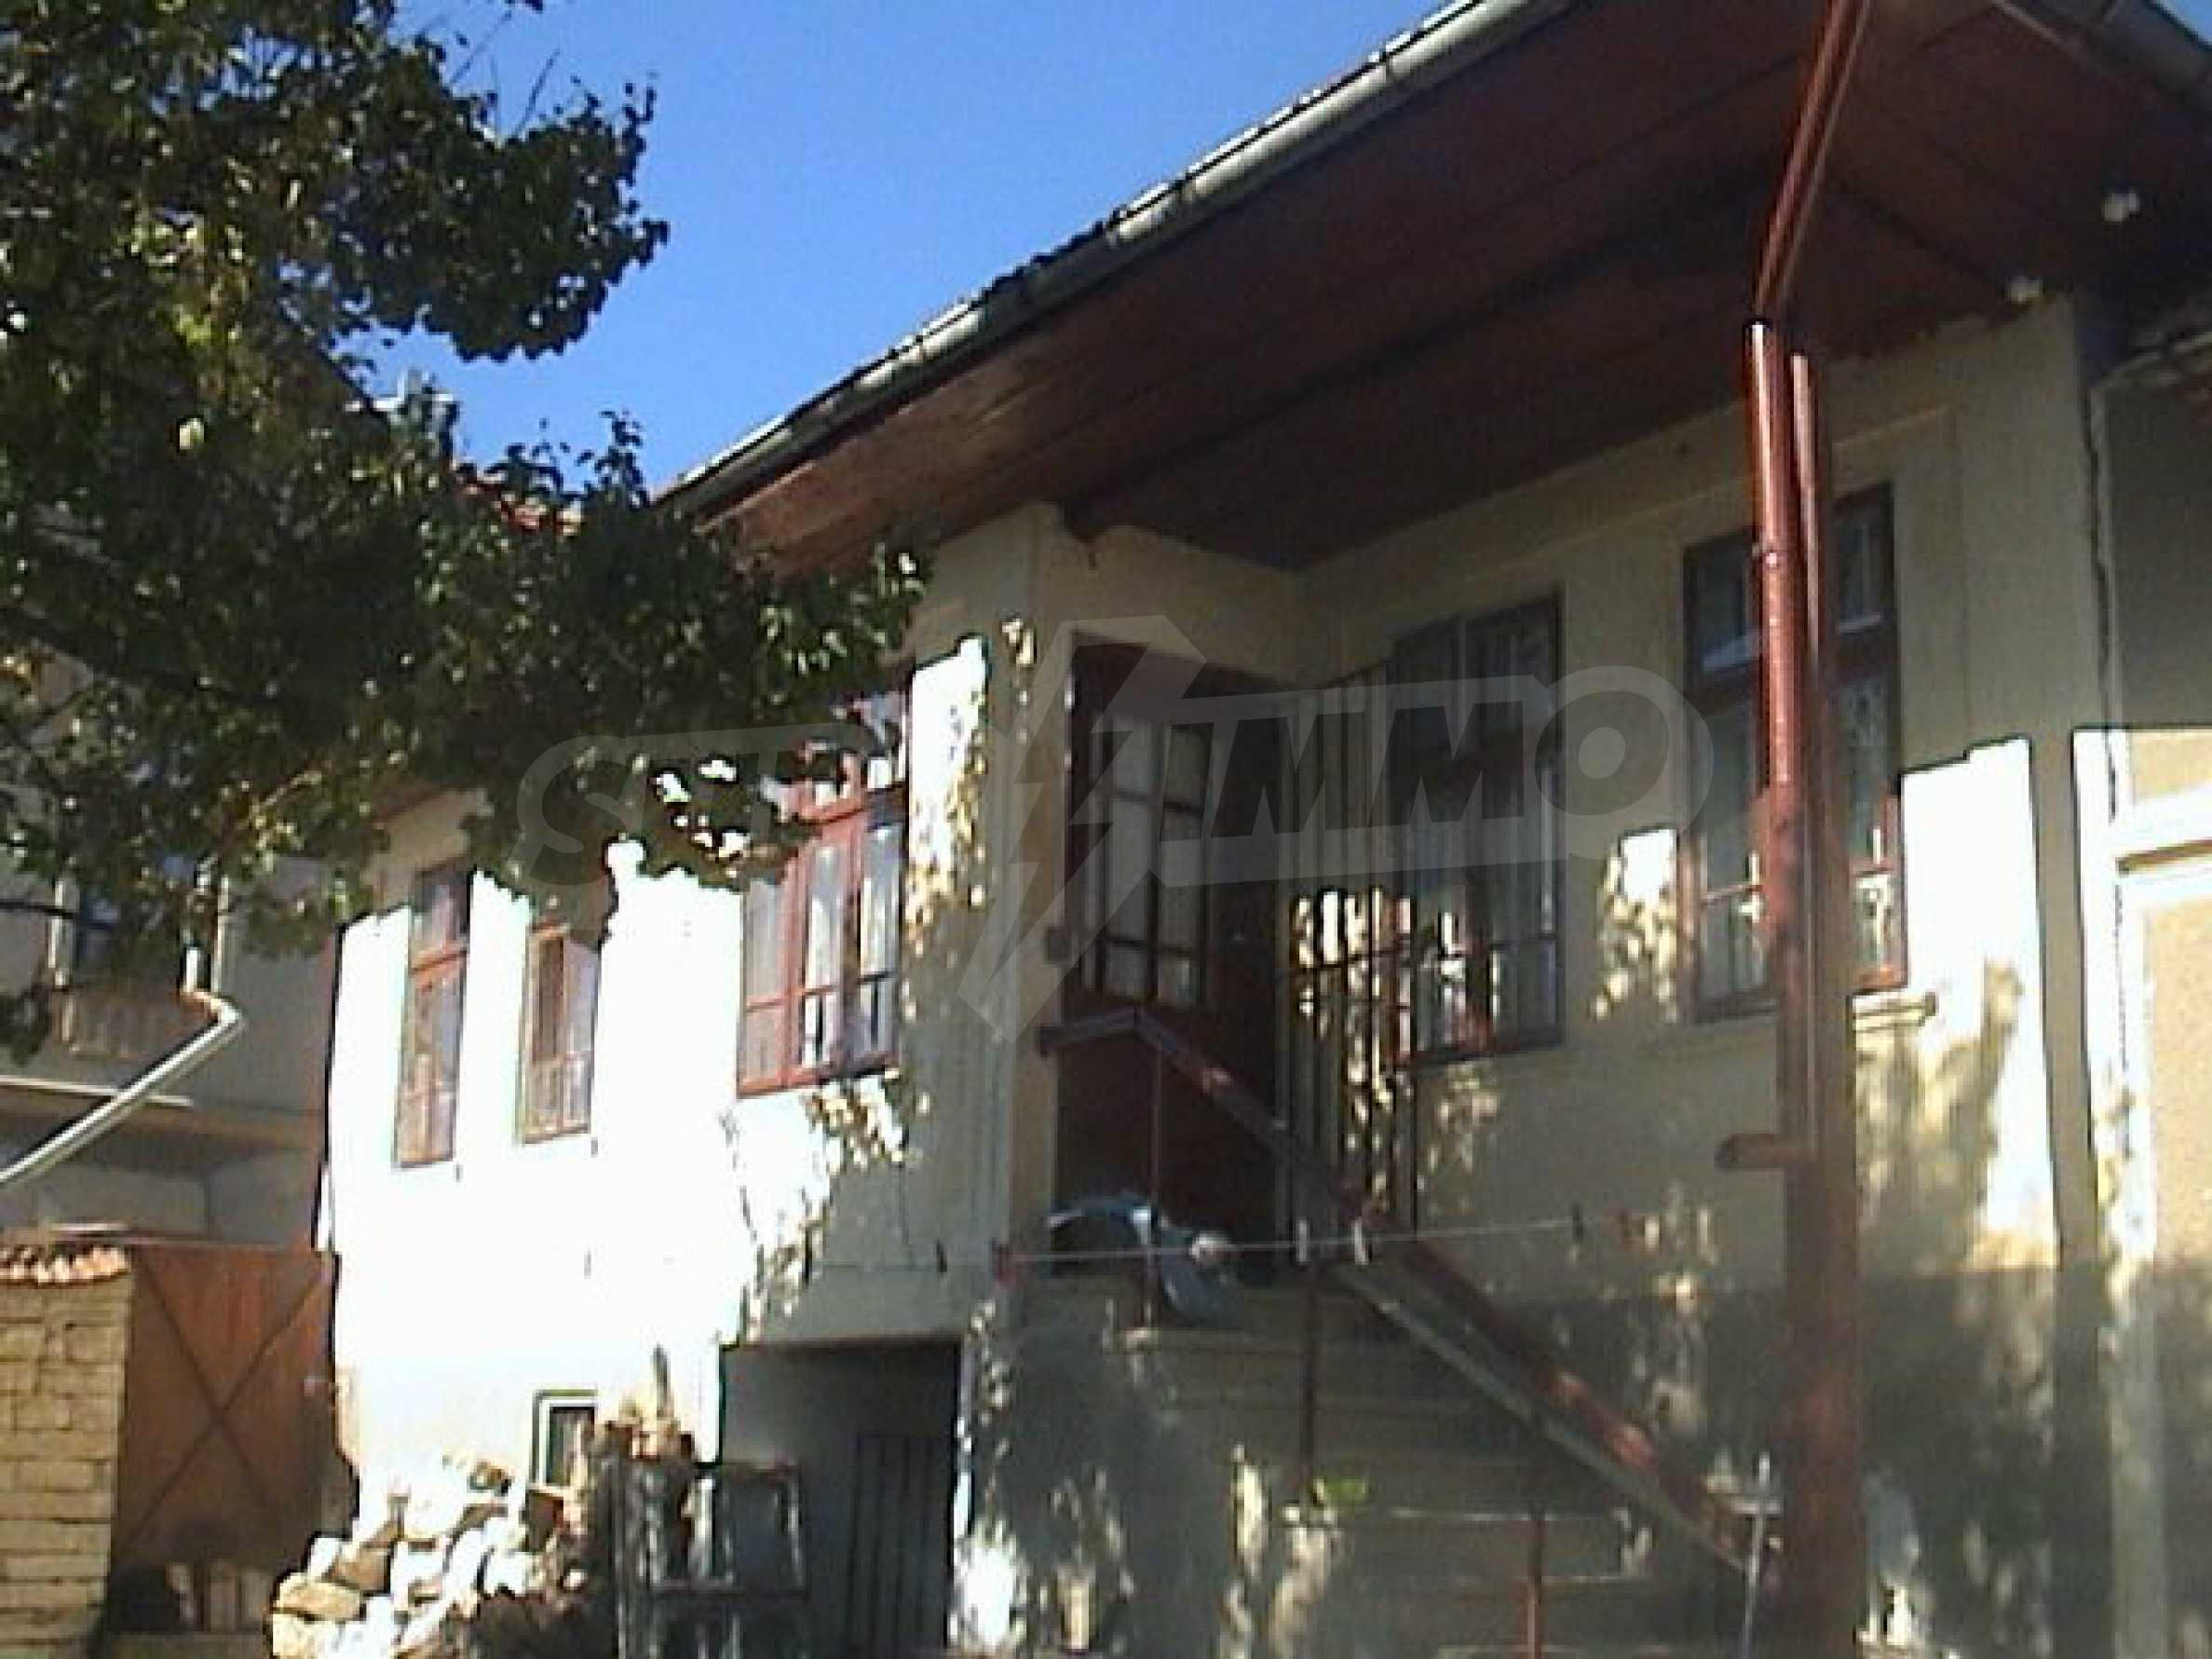 Renoviertes und möbliertes Haus in einem Dorf 35 km von Veliko Tarnovo entfernt